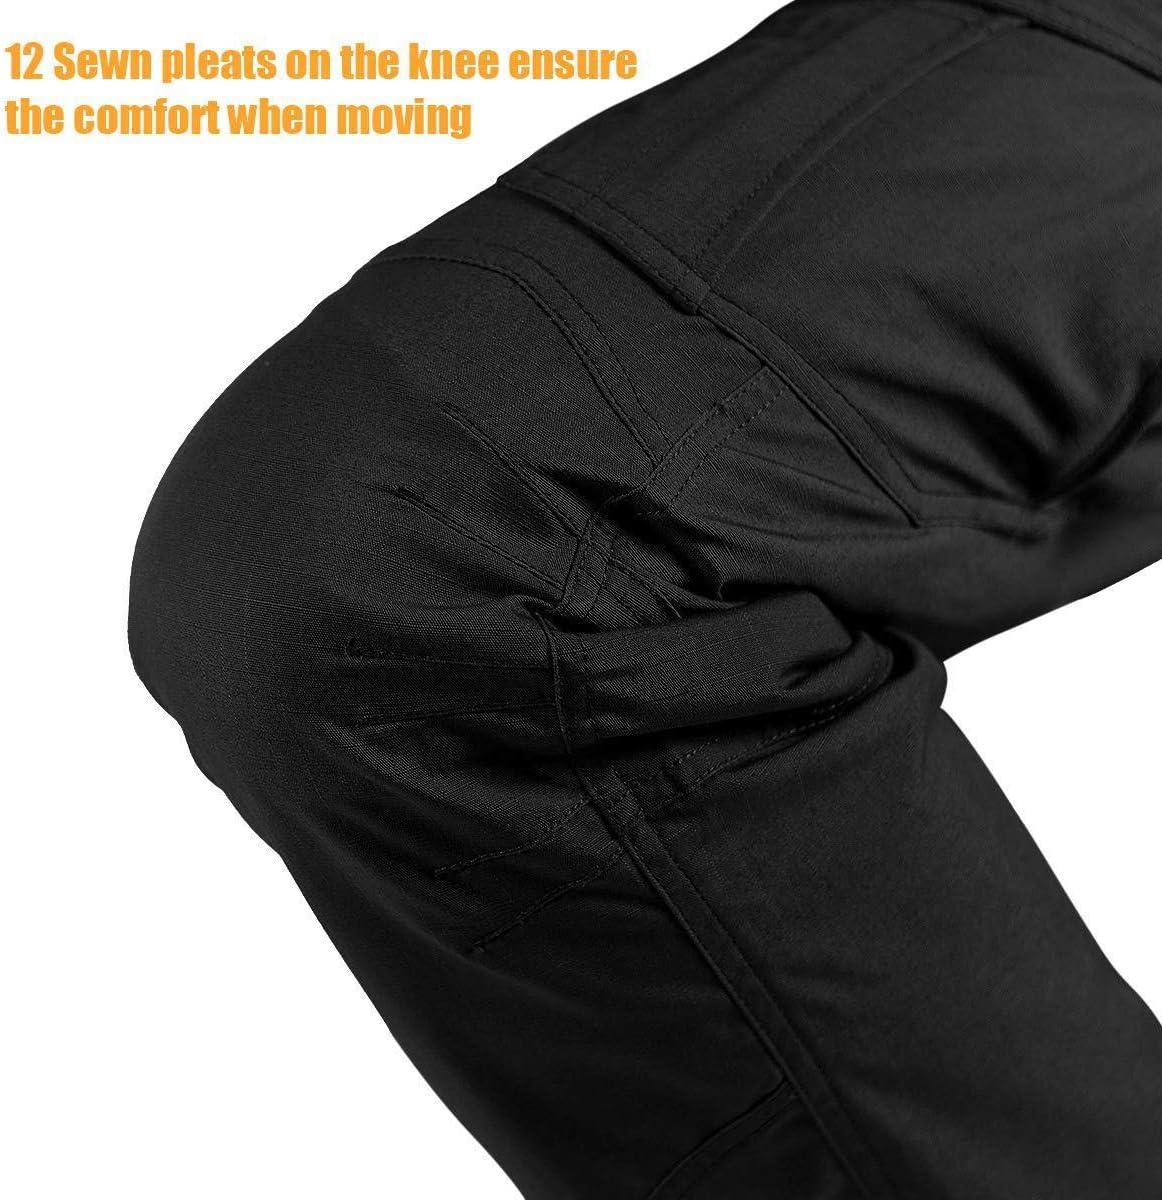 FREE SOLDIER Pantaloni da Lavoro Cargo da Uomo Pantaloni Tattici idrorepellenti per Esterni con Pantaloni Multitasche ad Asciugatura Rapida per la Caccia escursionistica